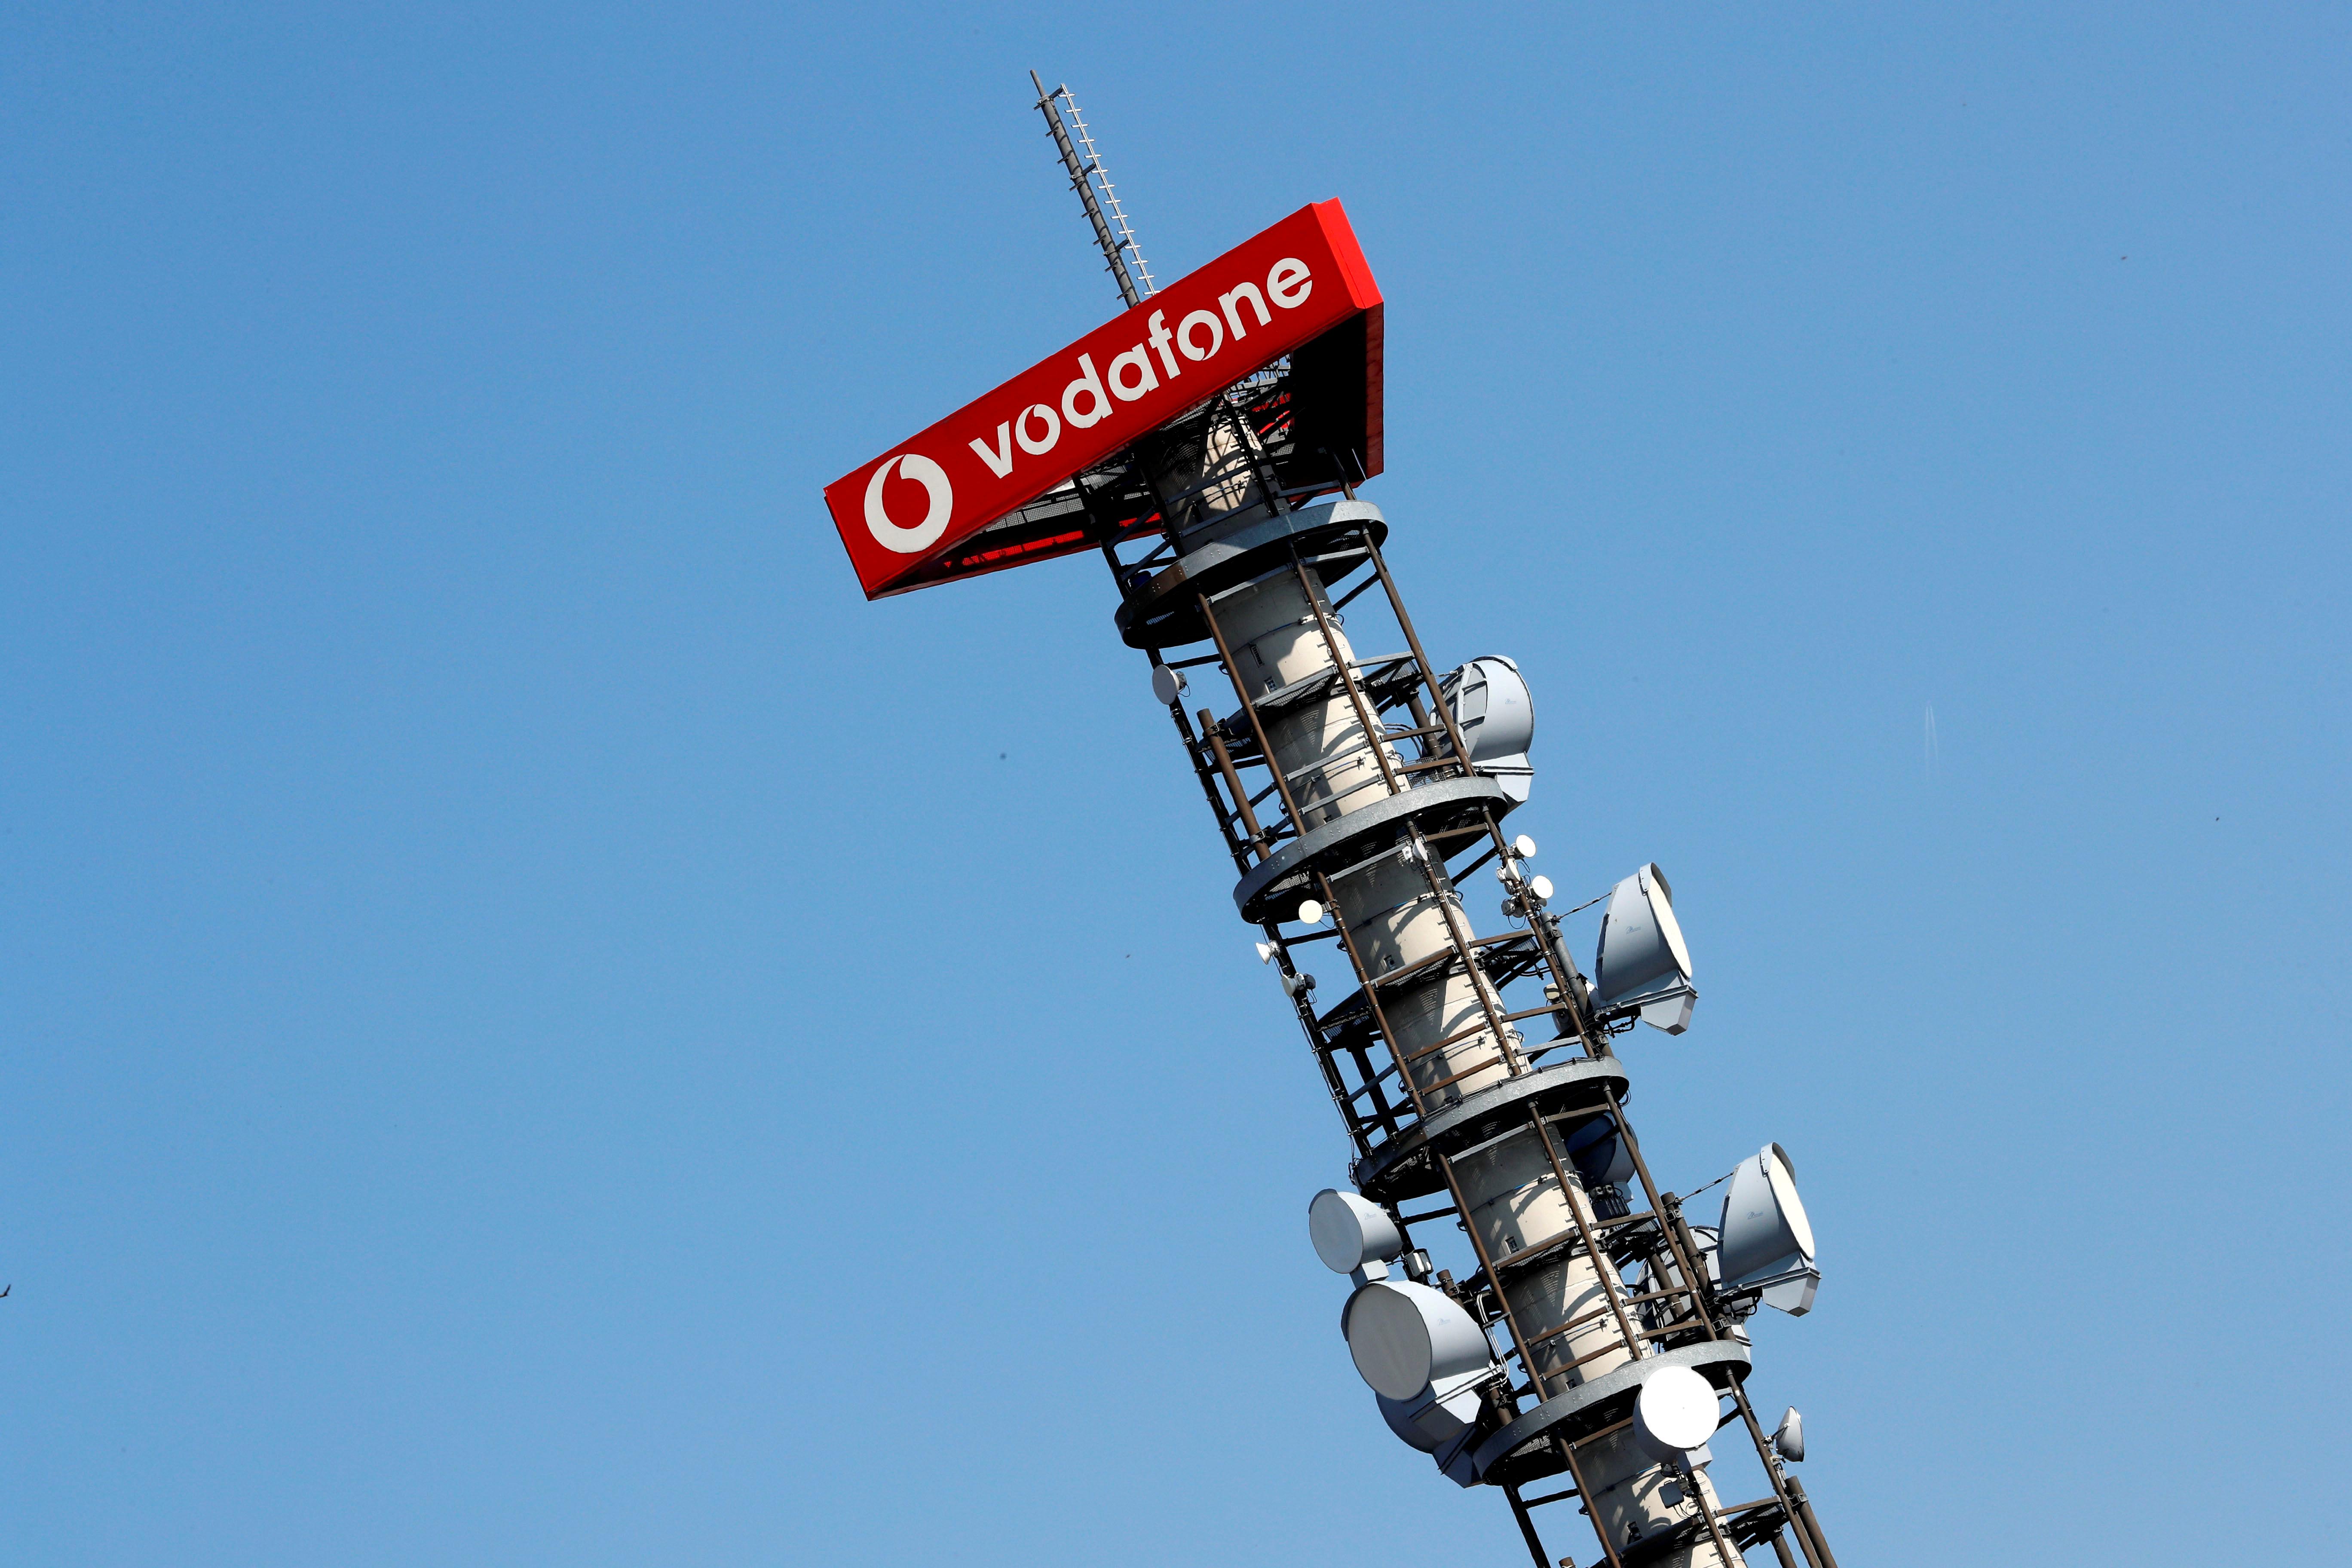 Una torre de telecomunicaciones de Vodafone.